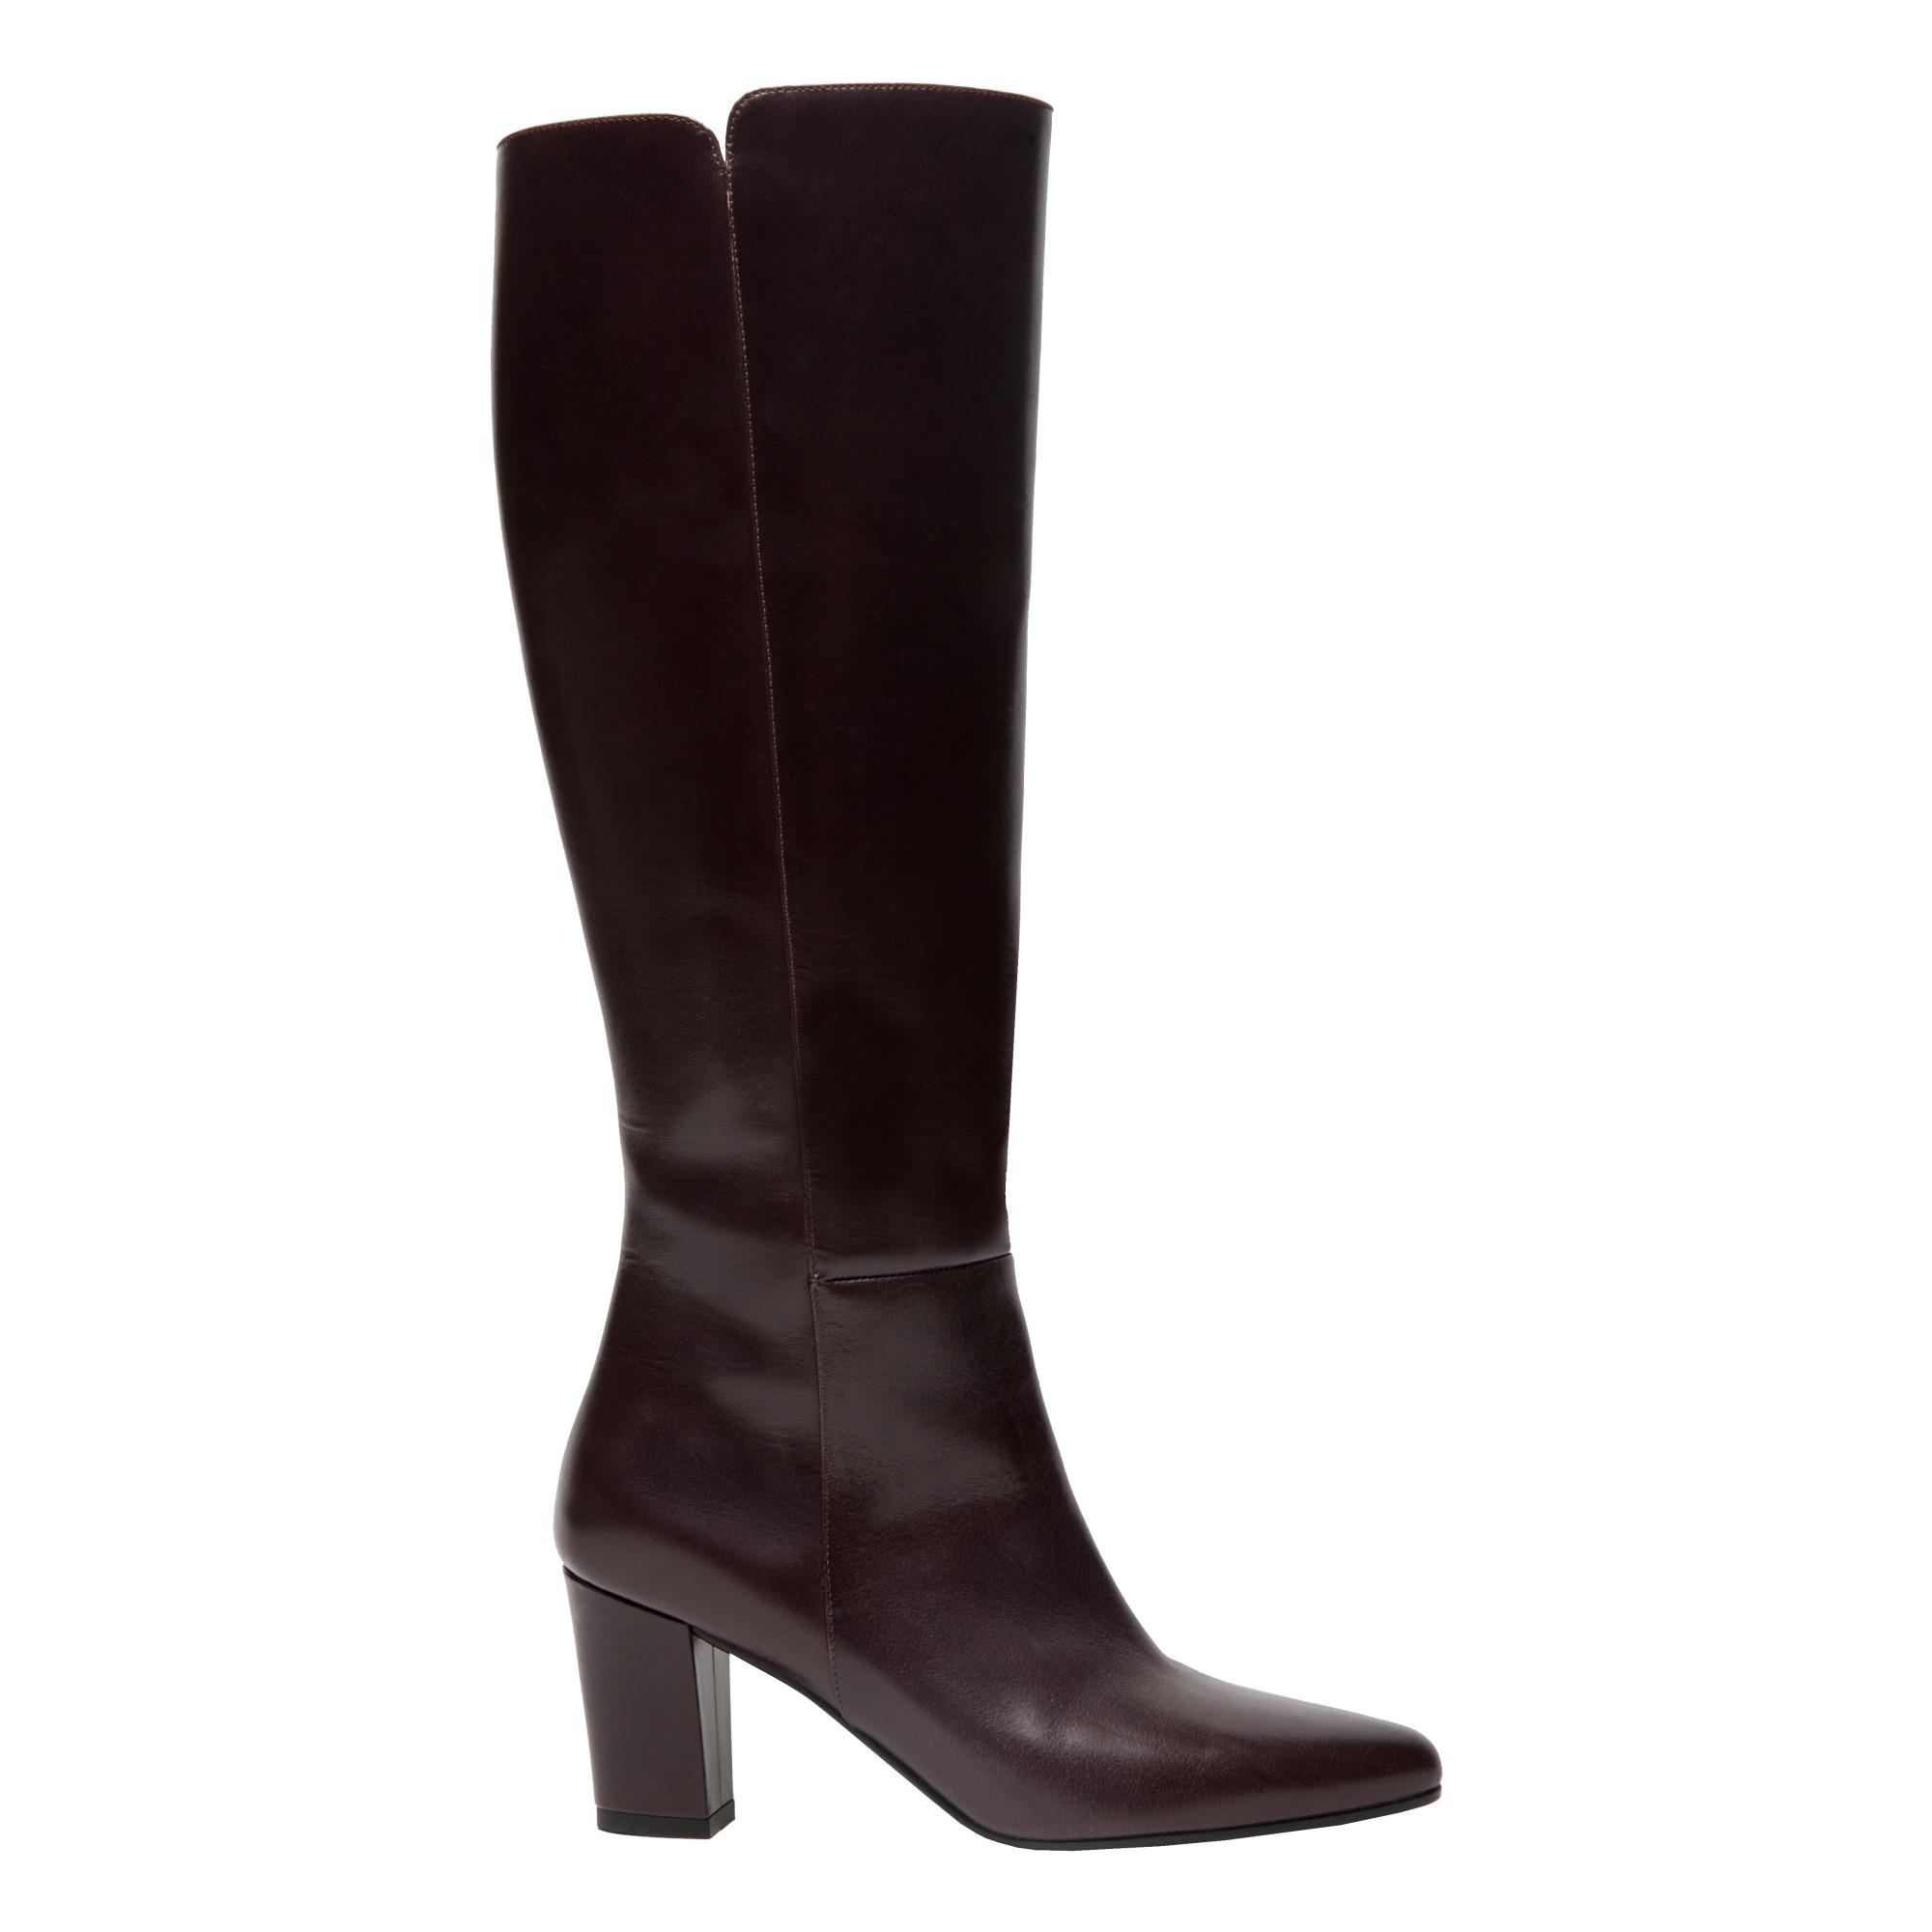 Sant Boots